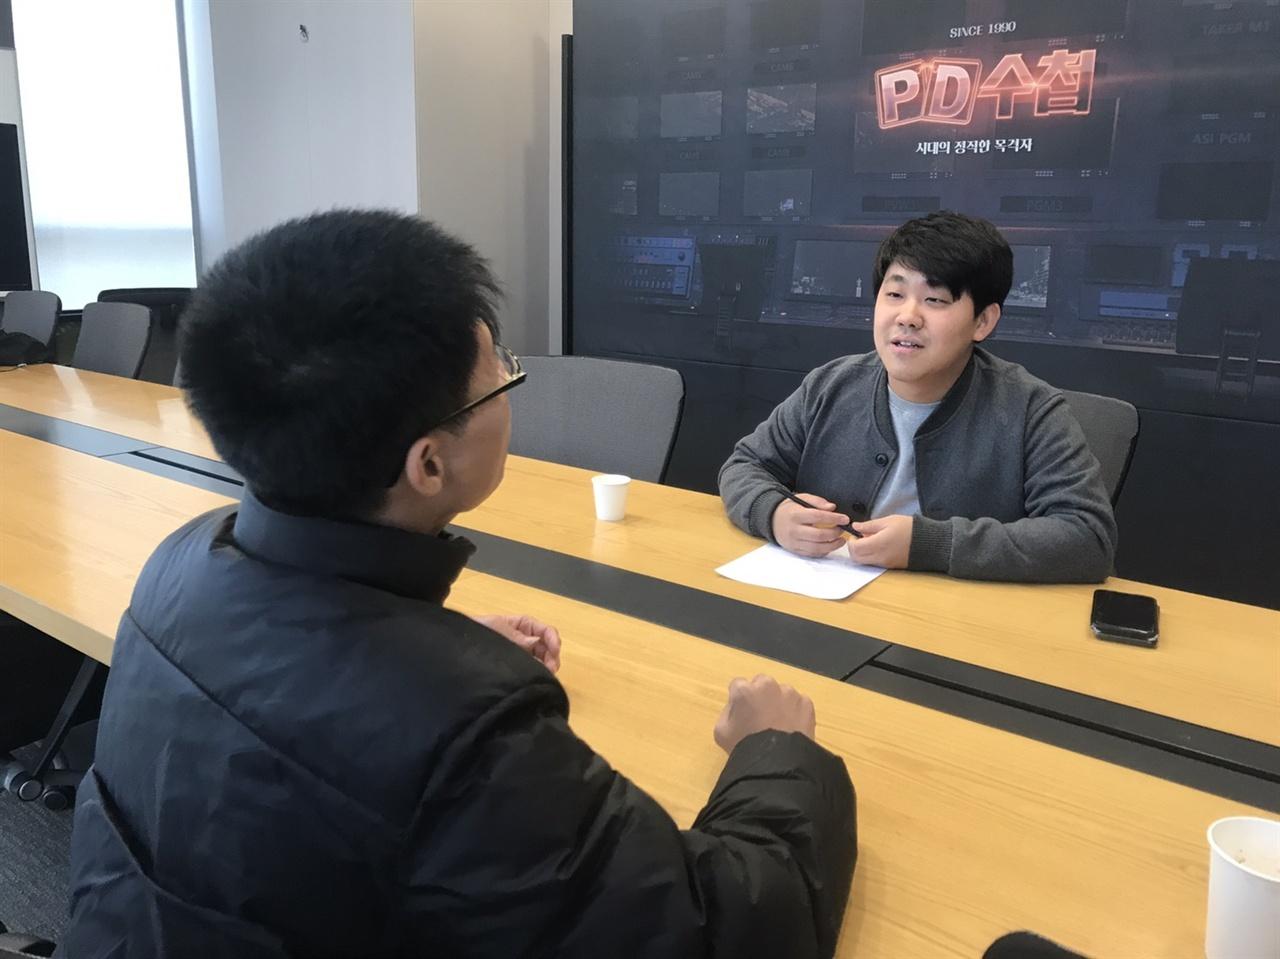 조철영 MBC PD가 <오마이뉴스>와 인터뷰 하고 있다